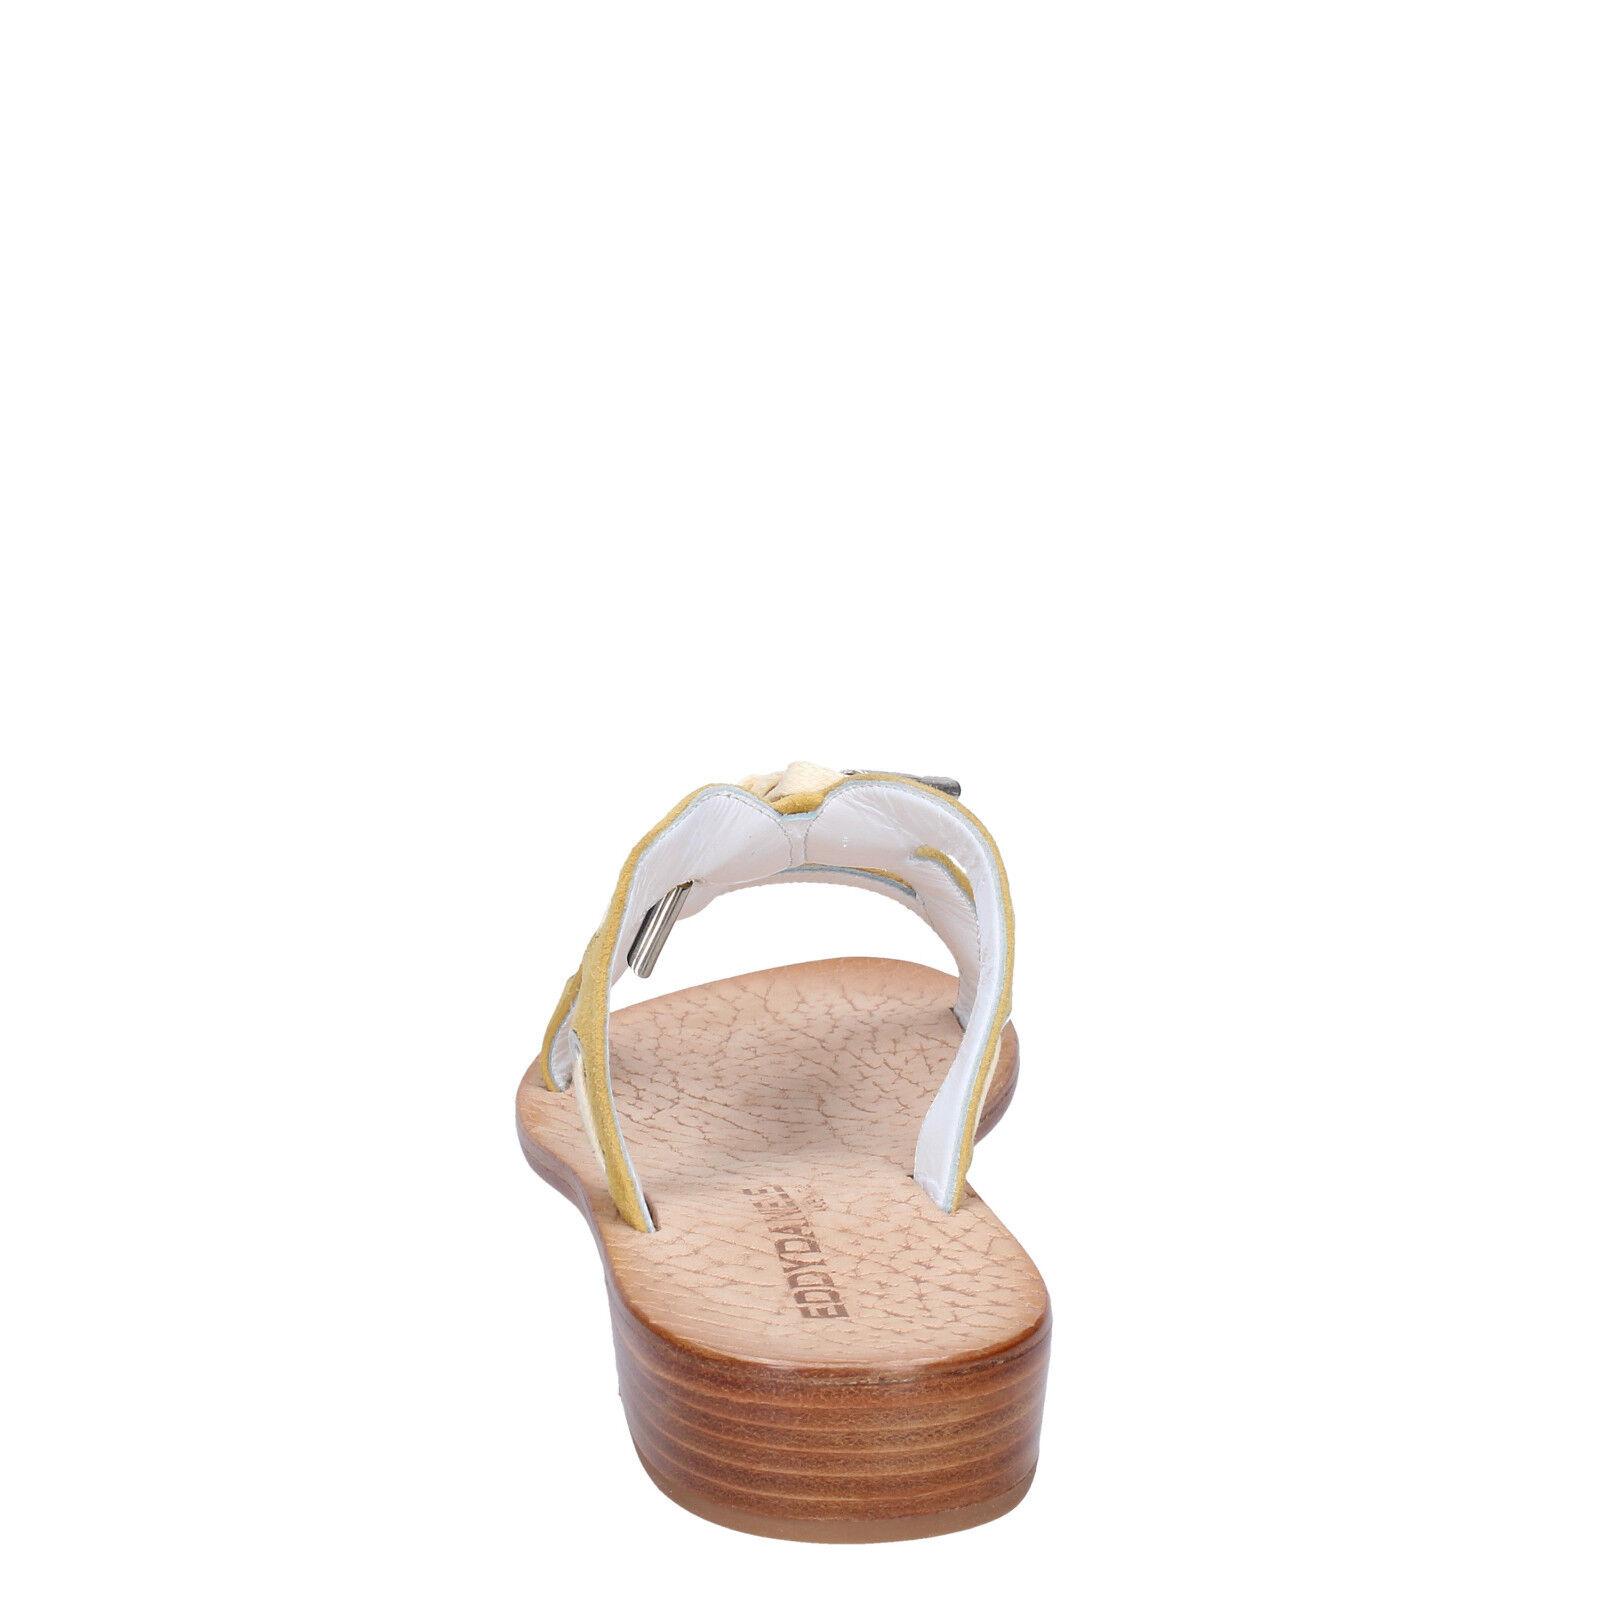 Scarpe da donna EDDY DANIELE 4 (EU 37) sandali giallo giallo giallo camoscio AW334-37 90841c